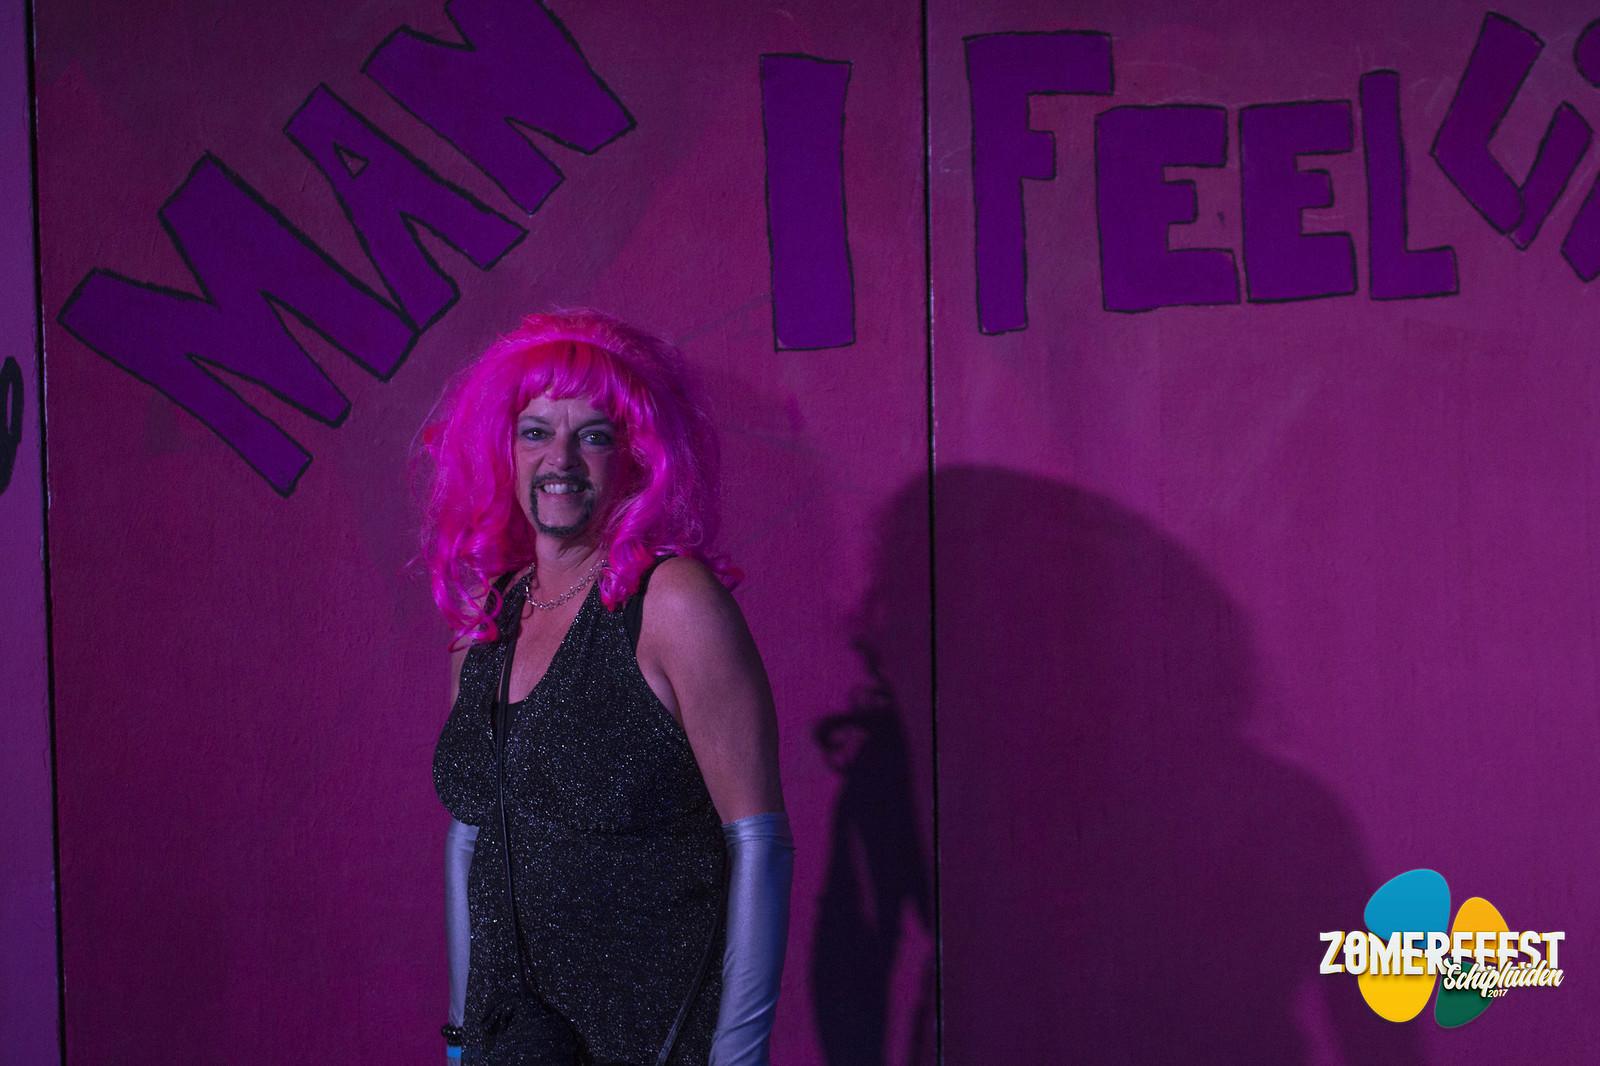 Man i feel like an woman-44